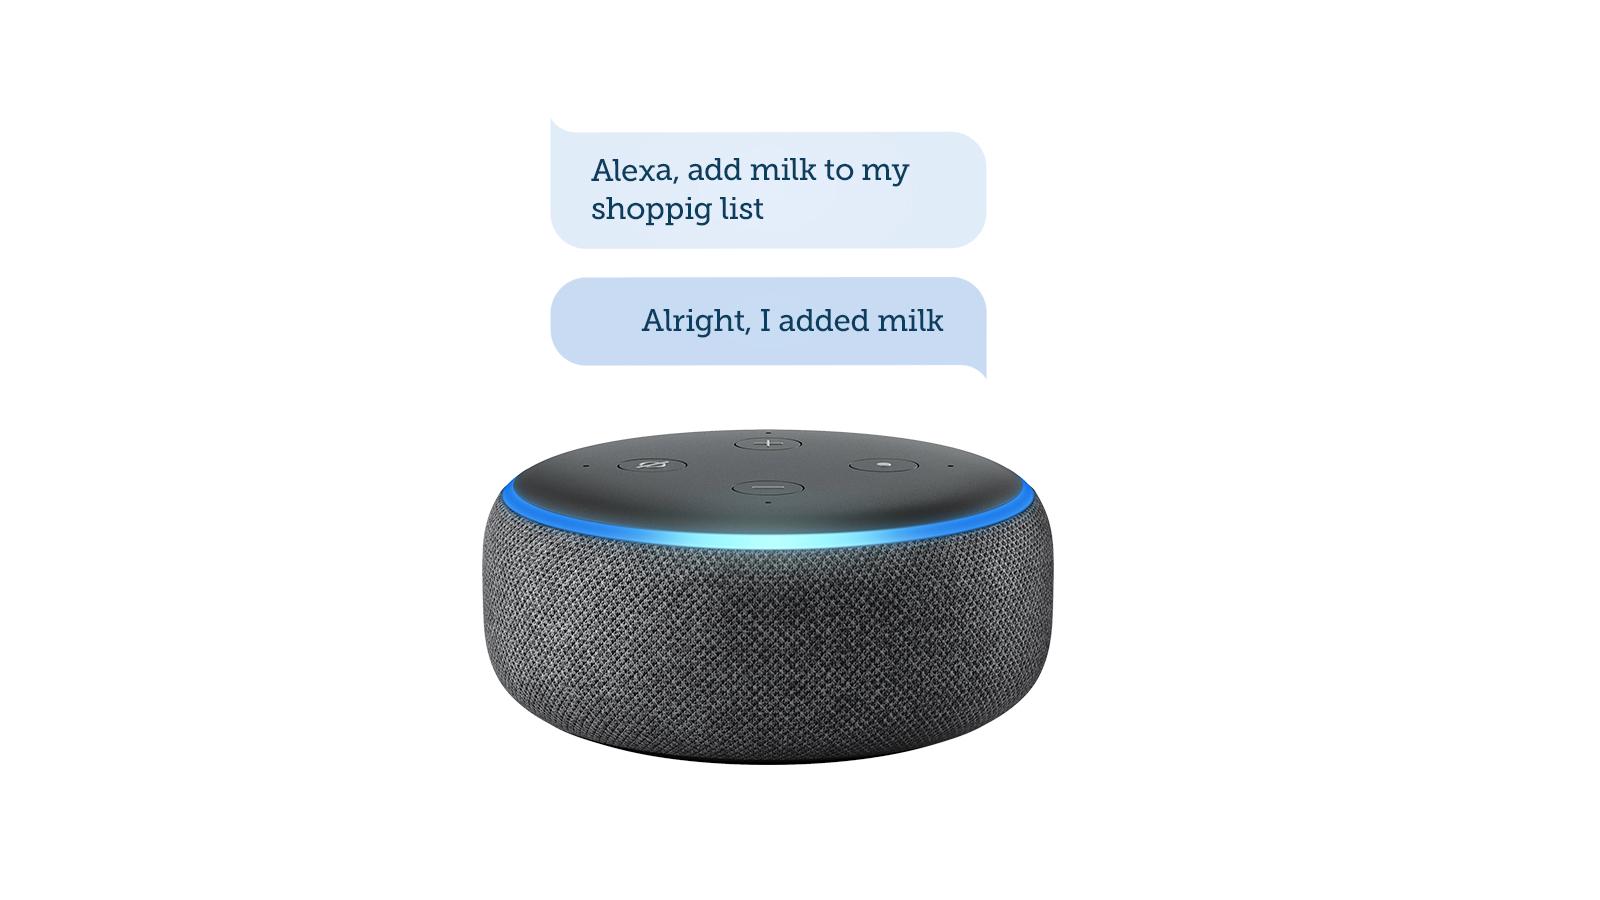 NEW: Alexa and Bring!